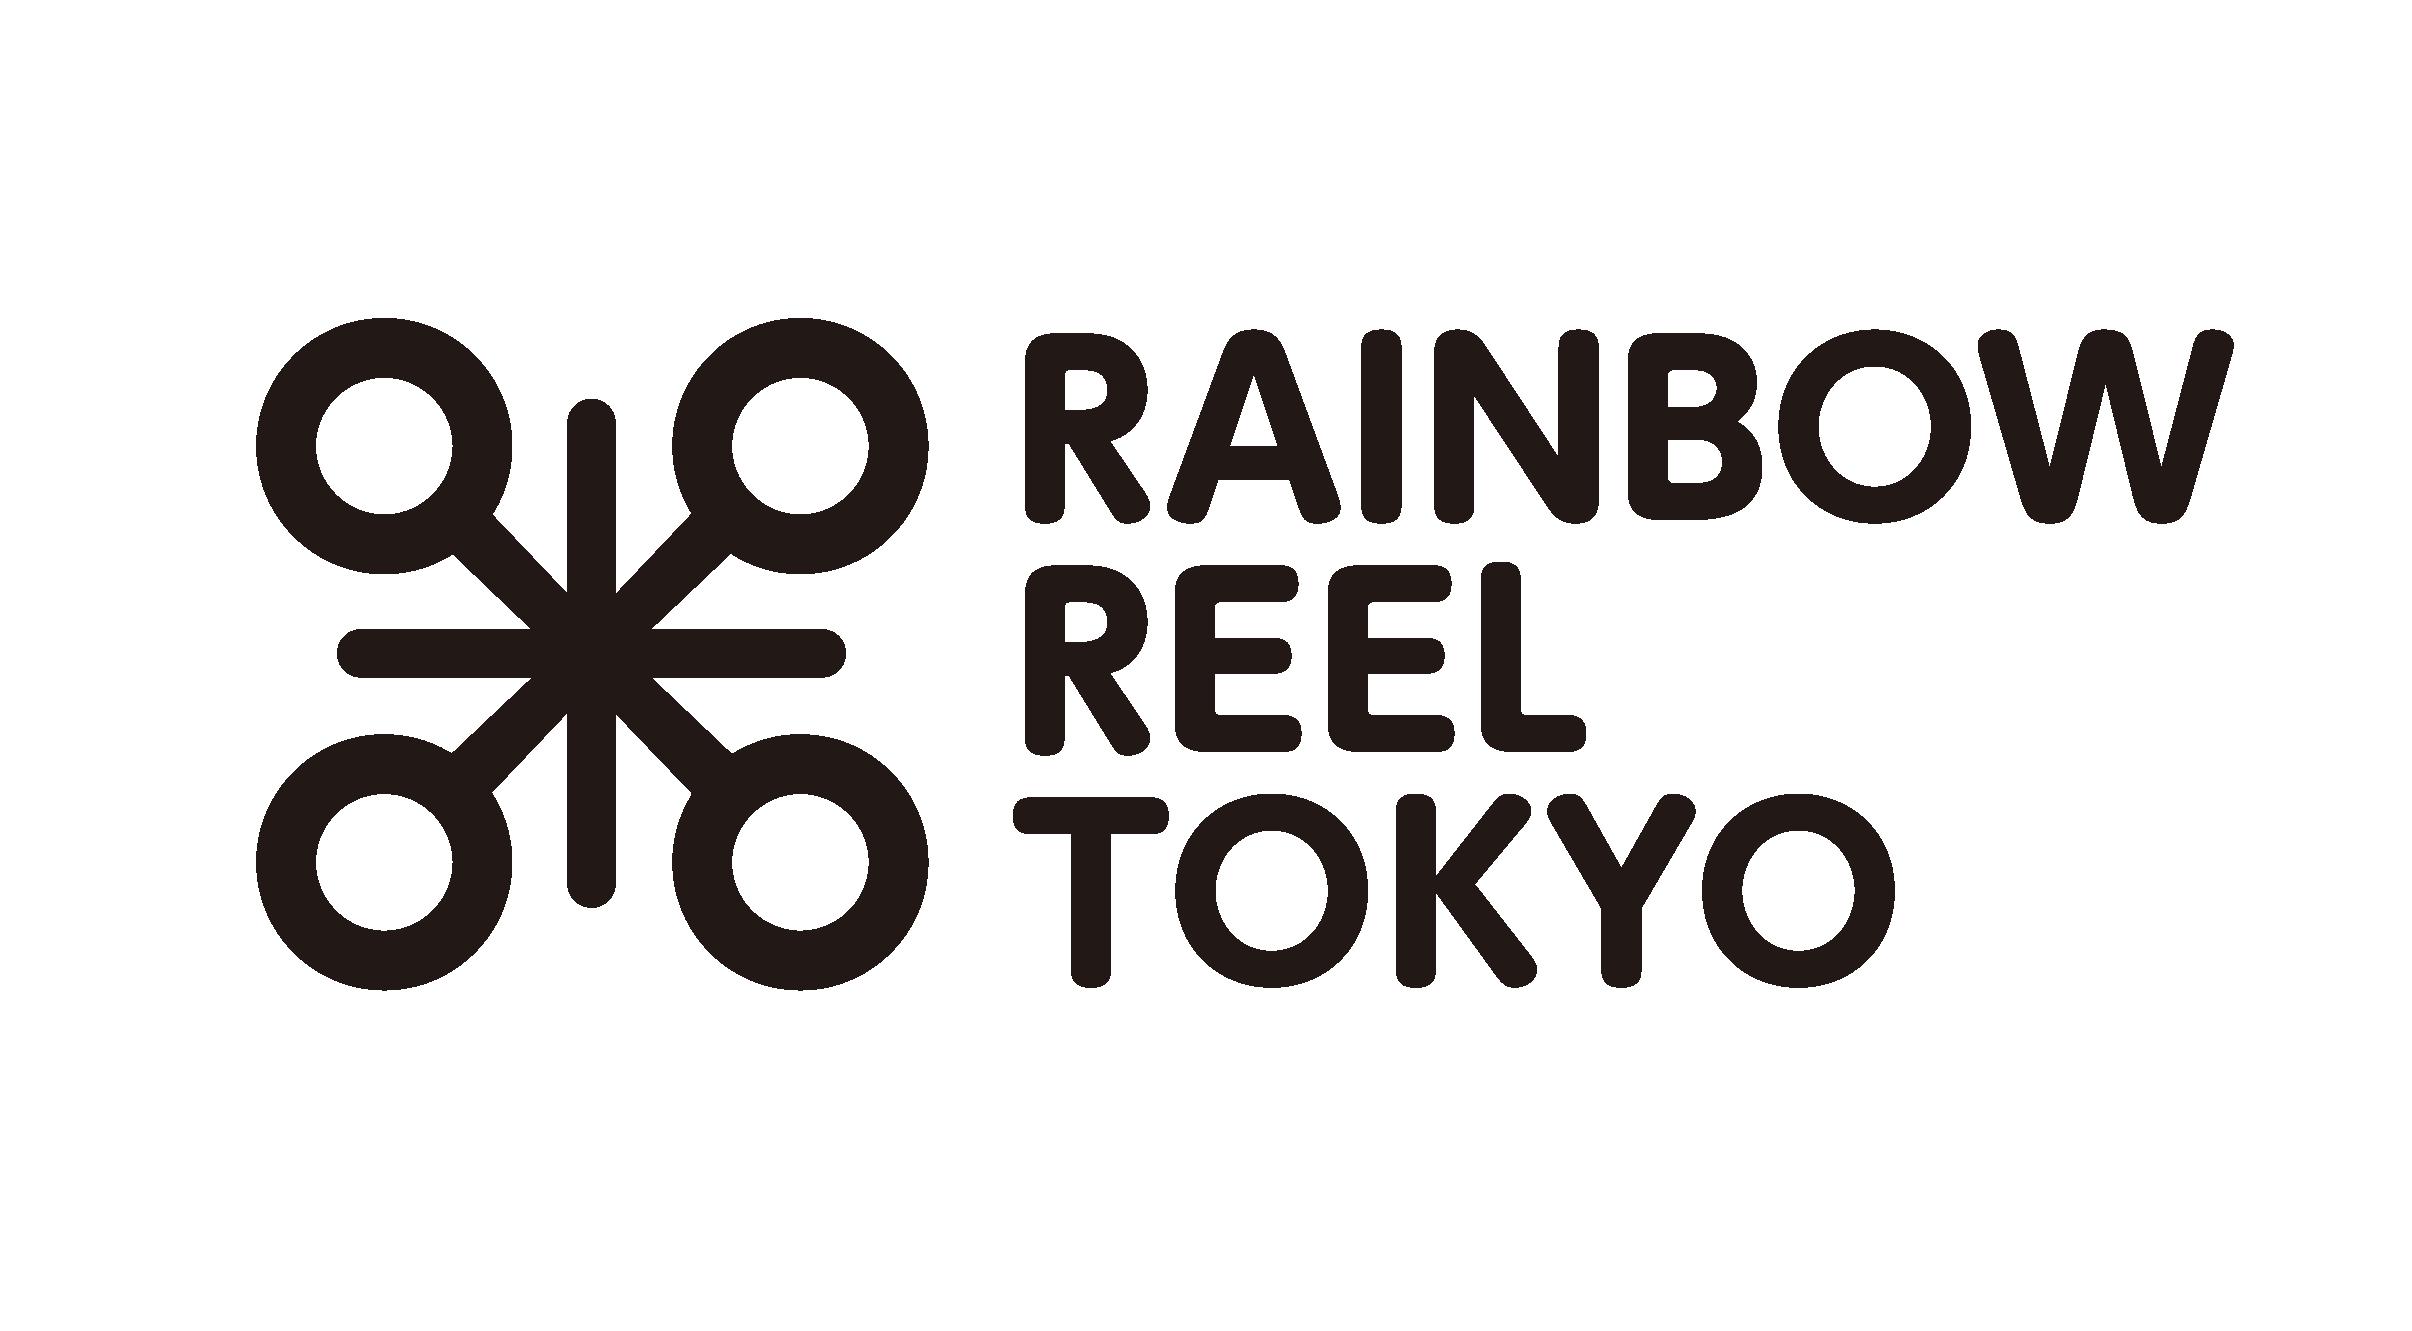 第29回レインボー・リール東京(東京国際レズビアン&ゲイ映画祭)の会期・会場が決定!